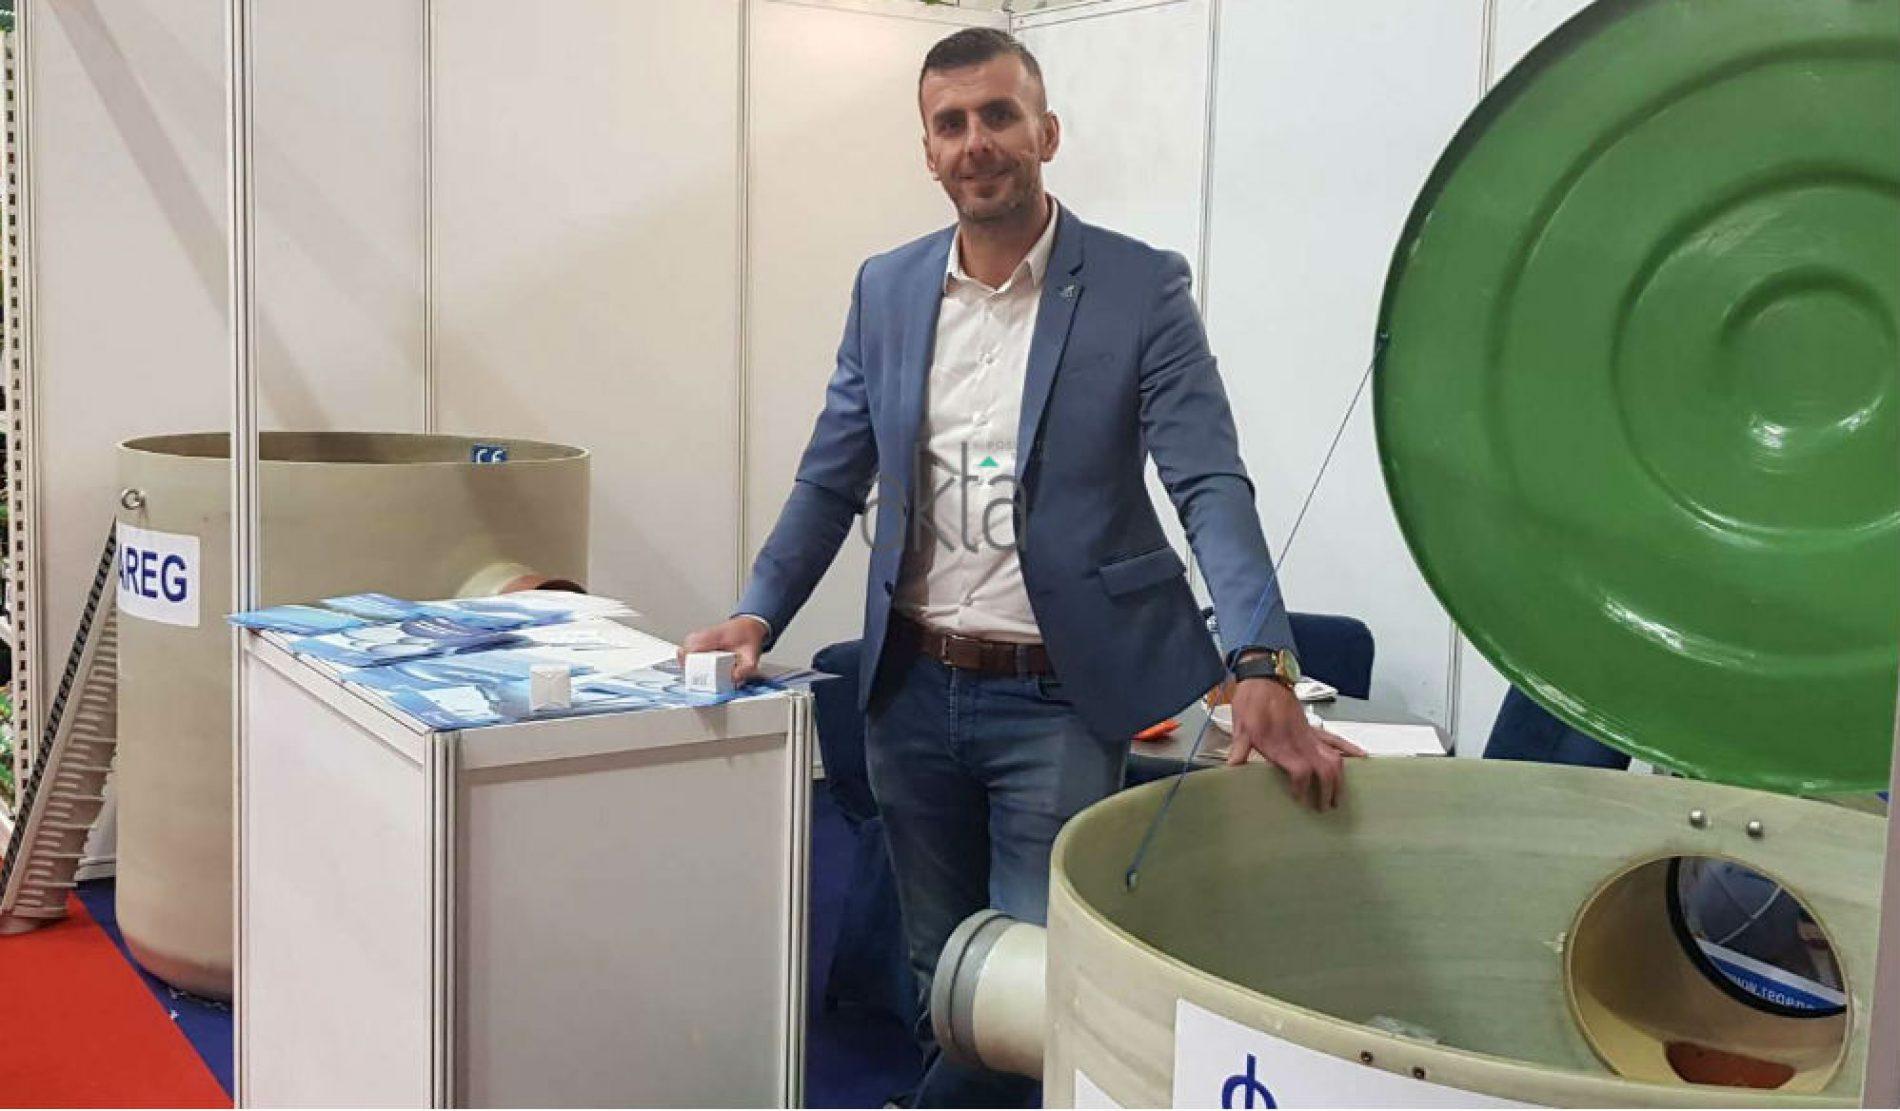 'Regeneracija' pokrenula firmu u Crnoj Gori